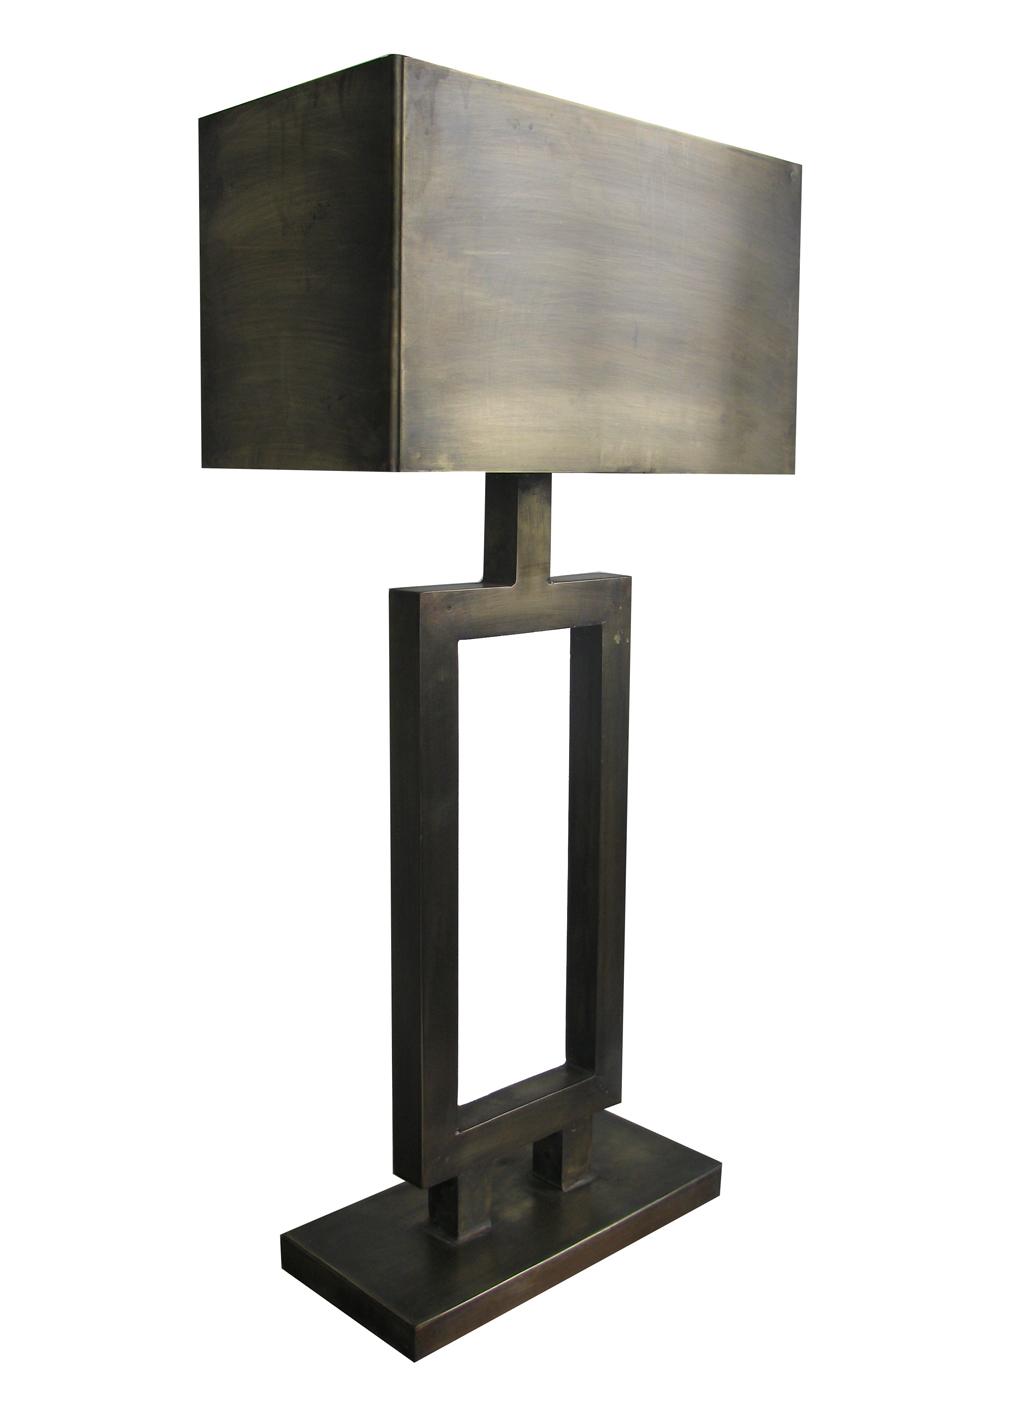 industrial_table_lamp3.jpg